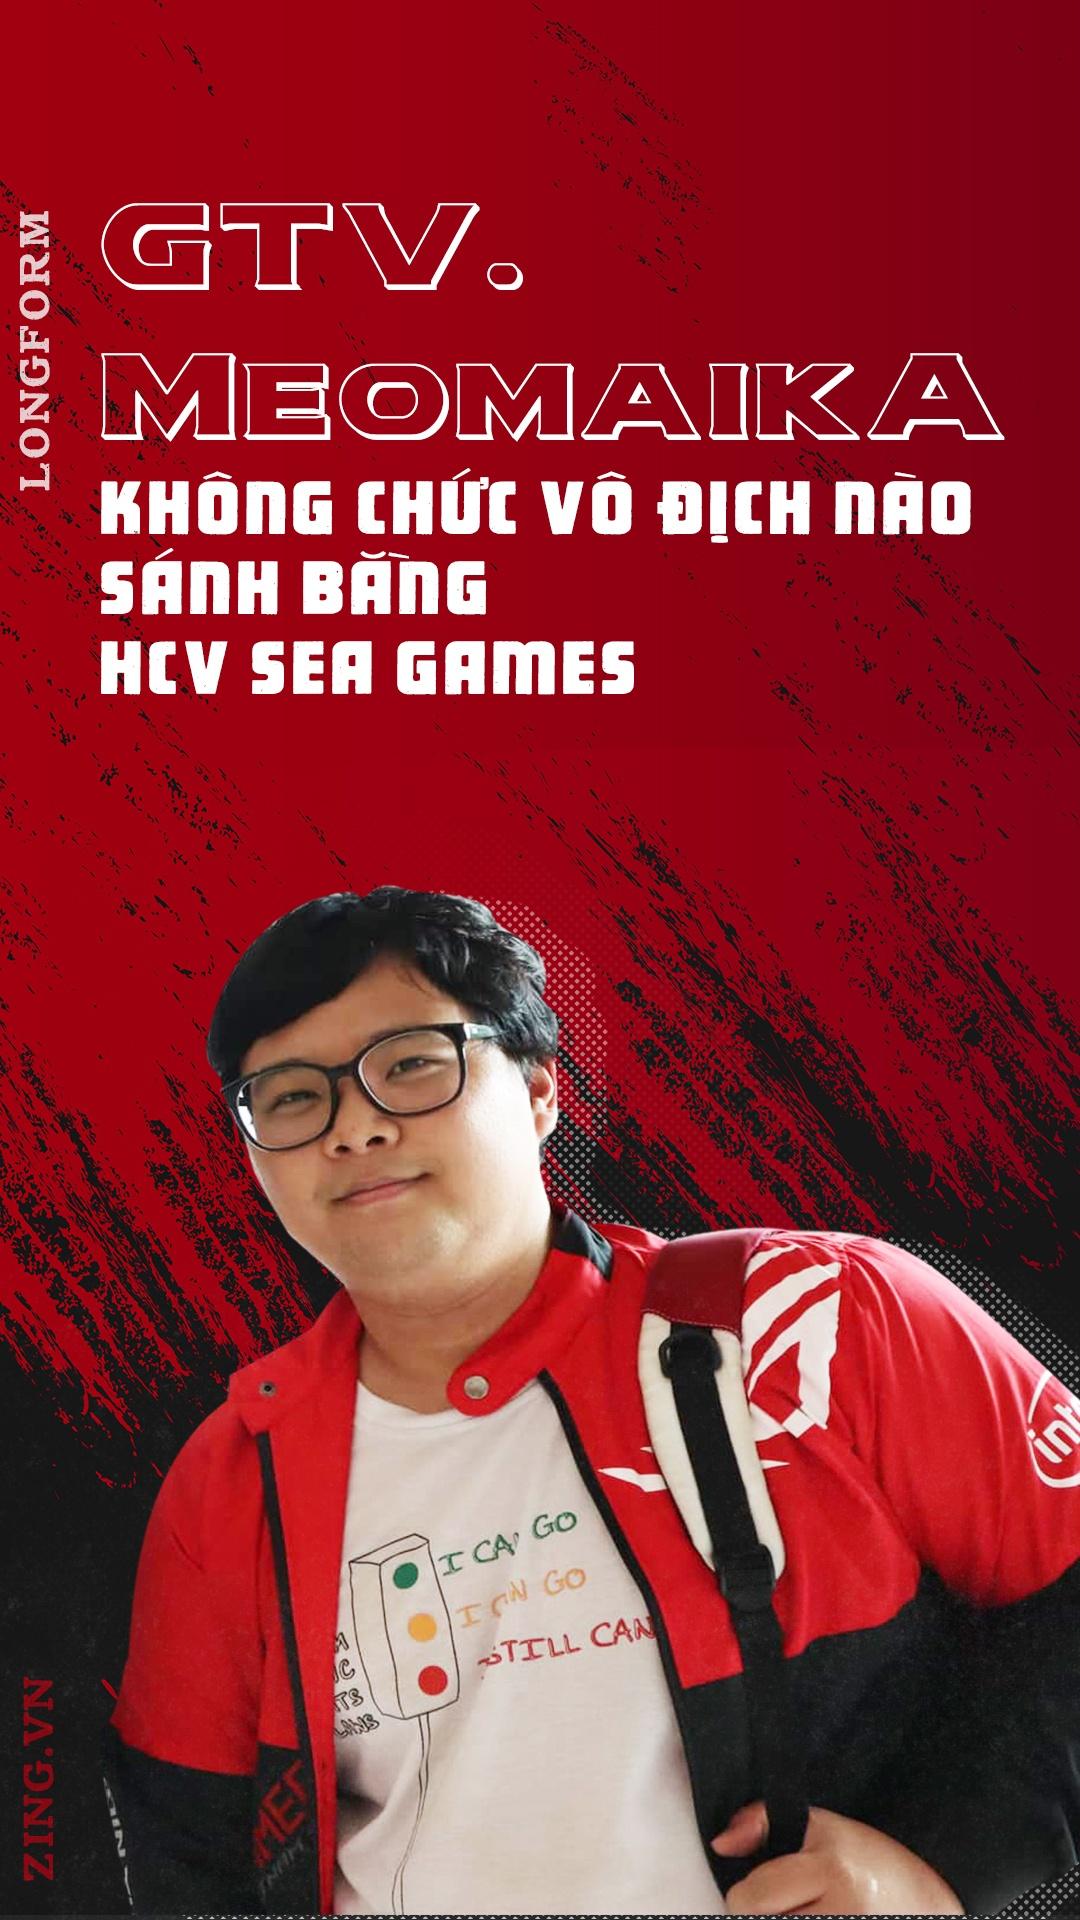 GTV.MeomaikA: 'Khong chuc vo dich nao sanh bang HCV SEA Games' hinh anh 1